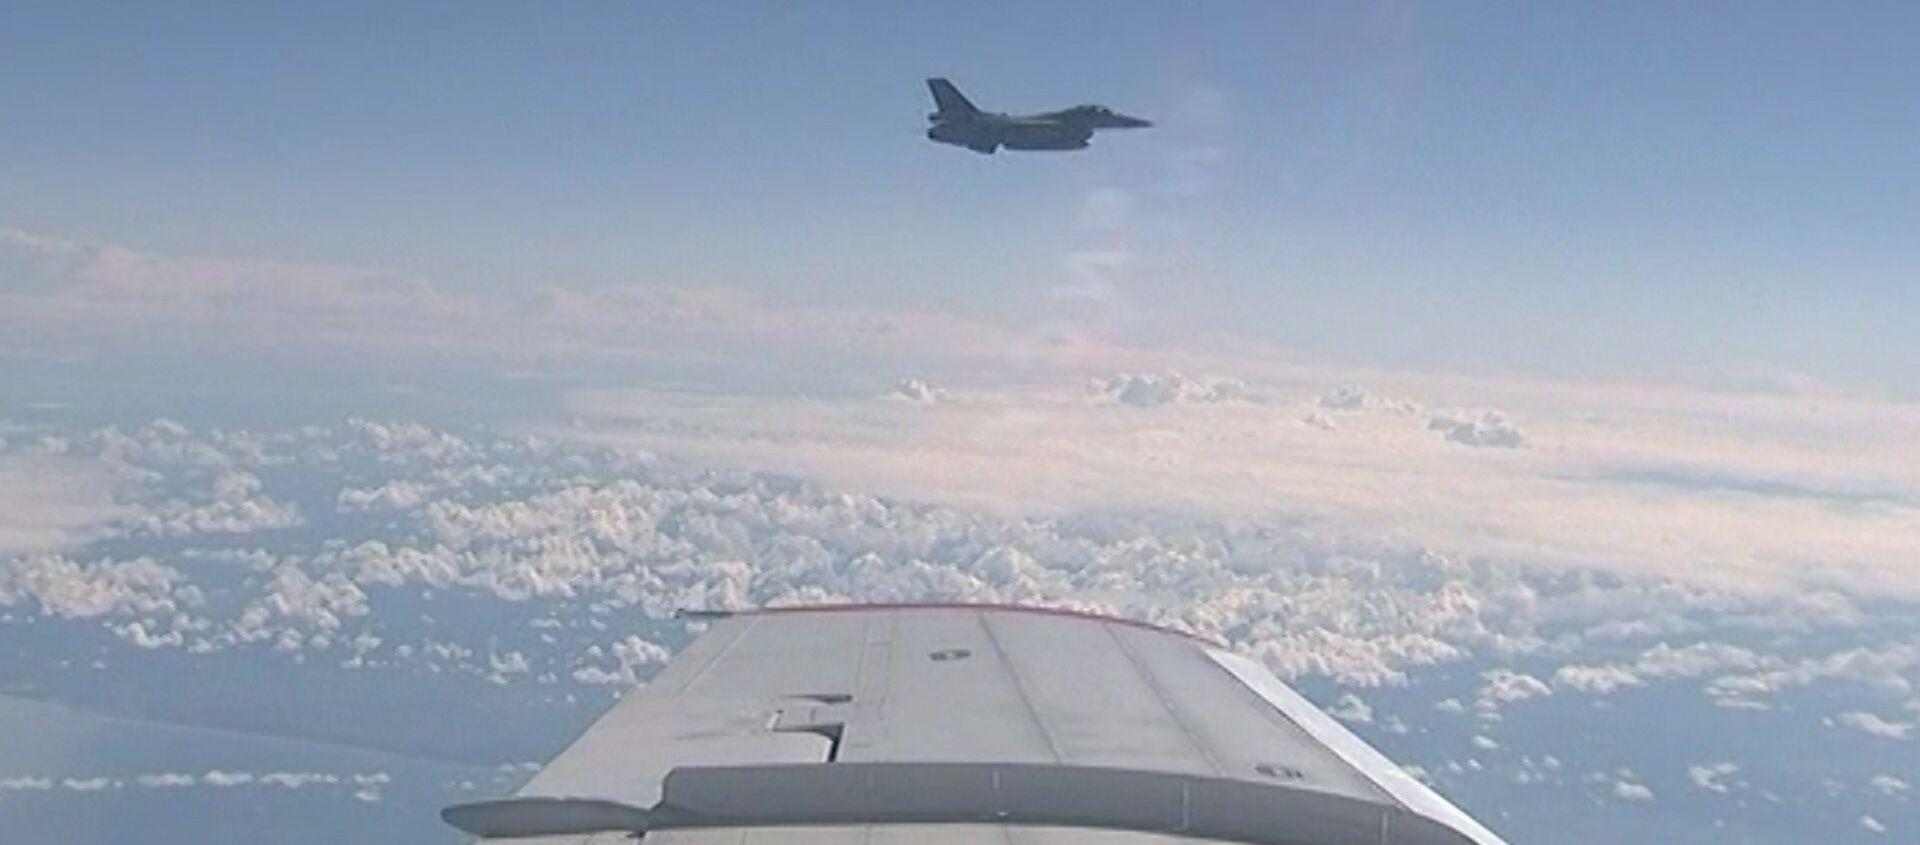 Истребитель НАТО приблизился к самолету министра обороны РФ - Sputnik Таджикистан, 1920, 21.06.2017